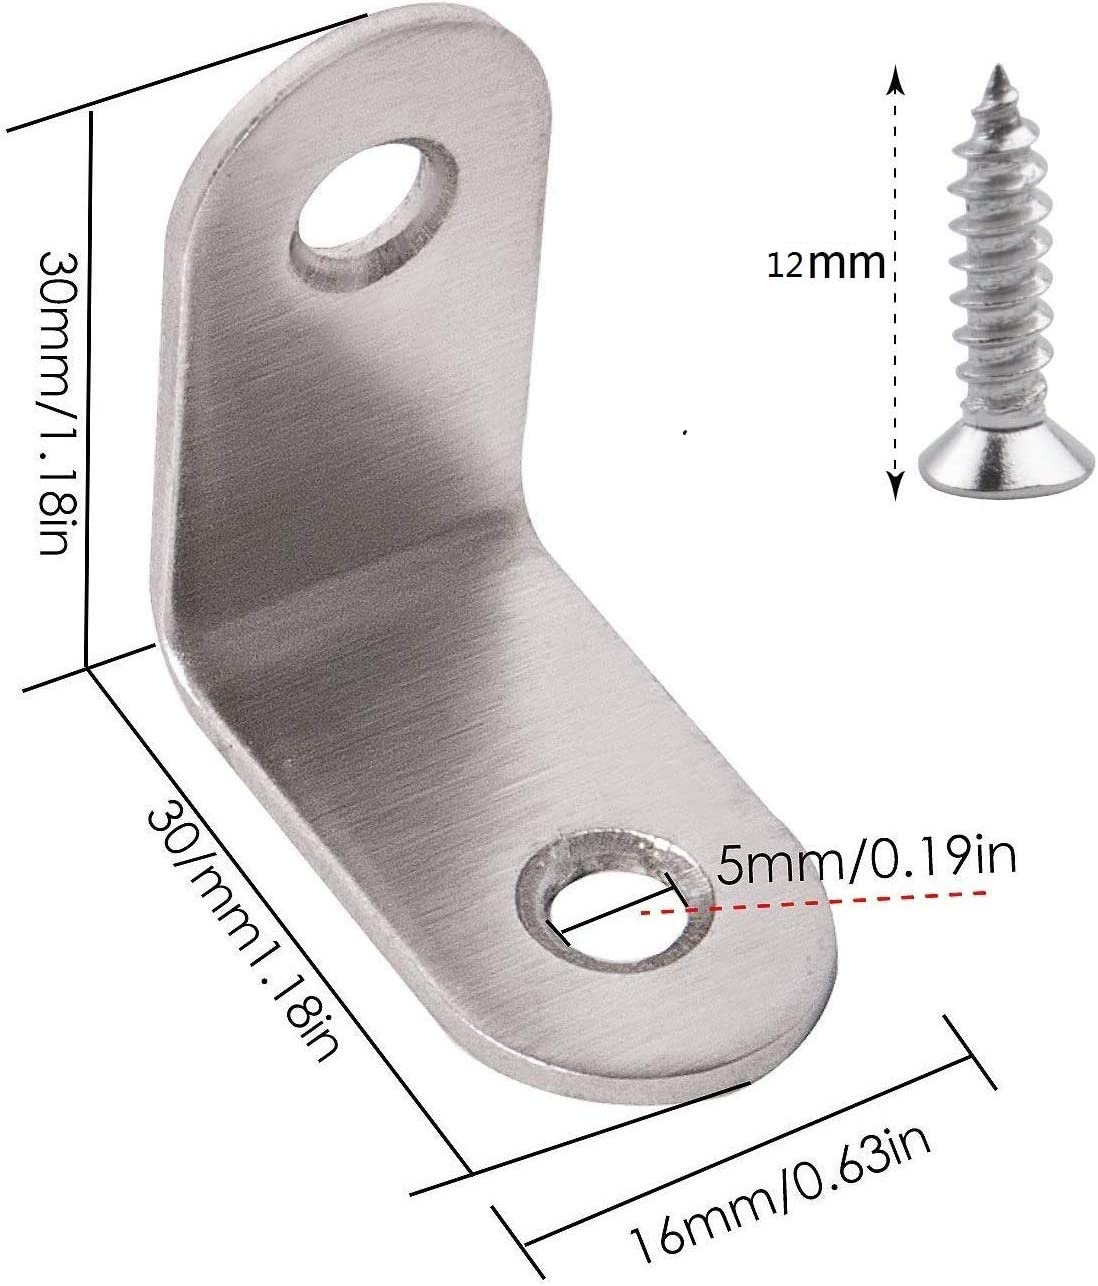 10 St/ück Winkelverbinder Edelstahl Winkel Klammern 50 50mm M/öbel Winkel Mit Schrauben f/ür Anbau Winkel Bracket